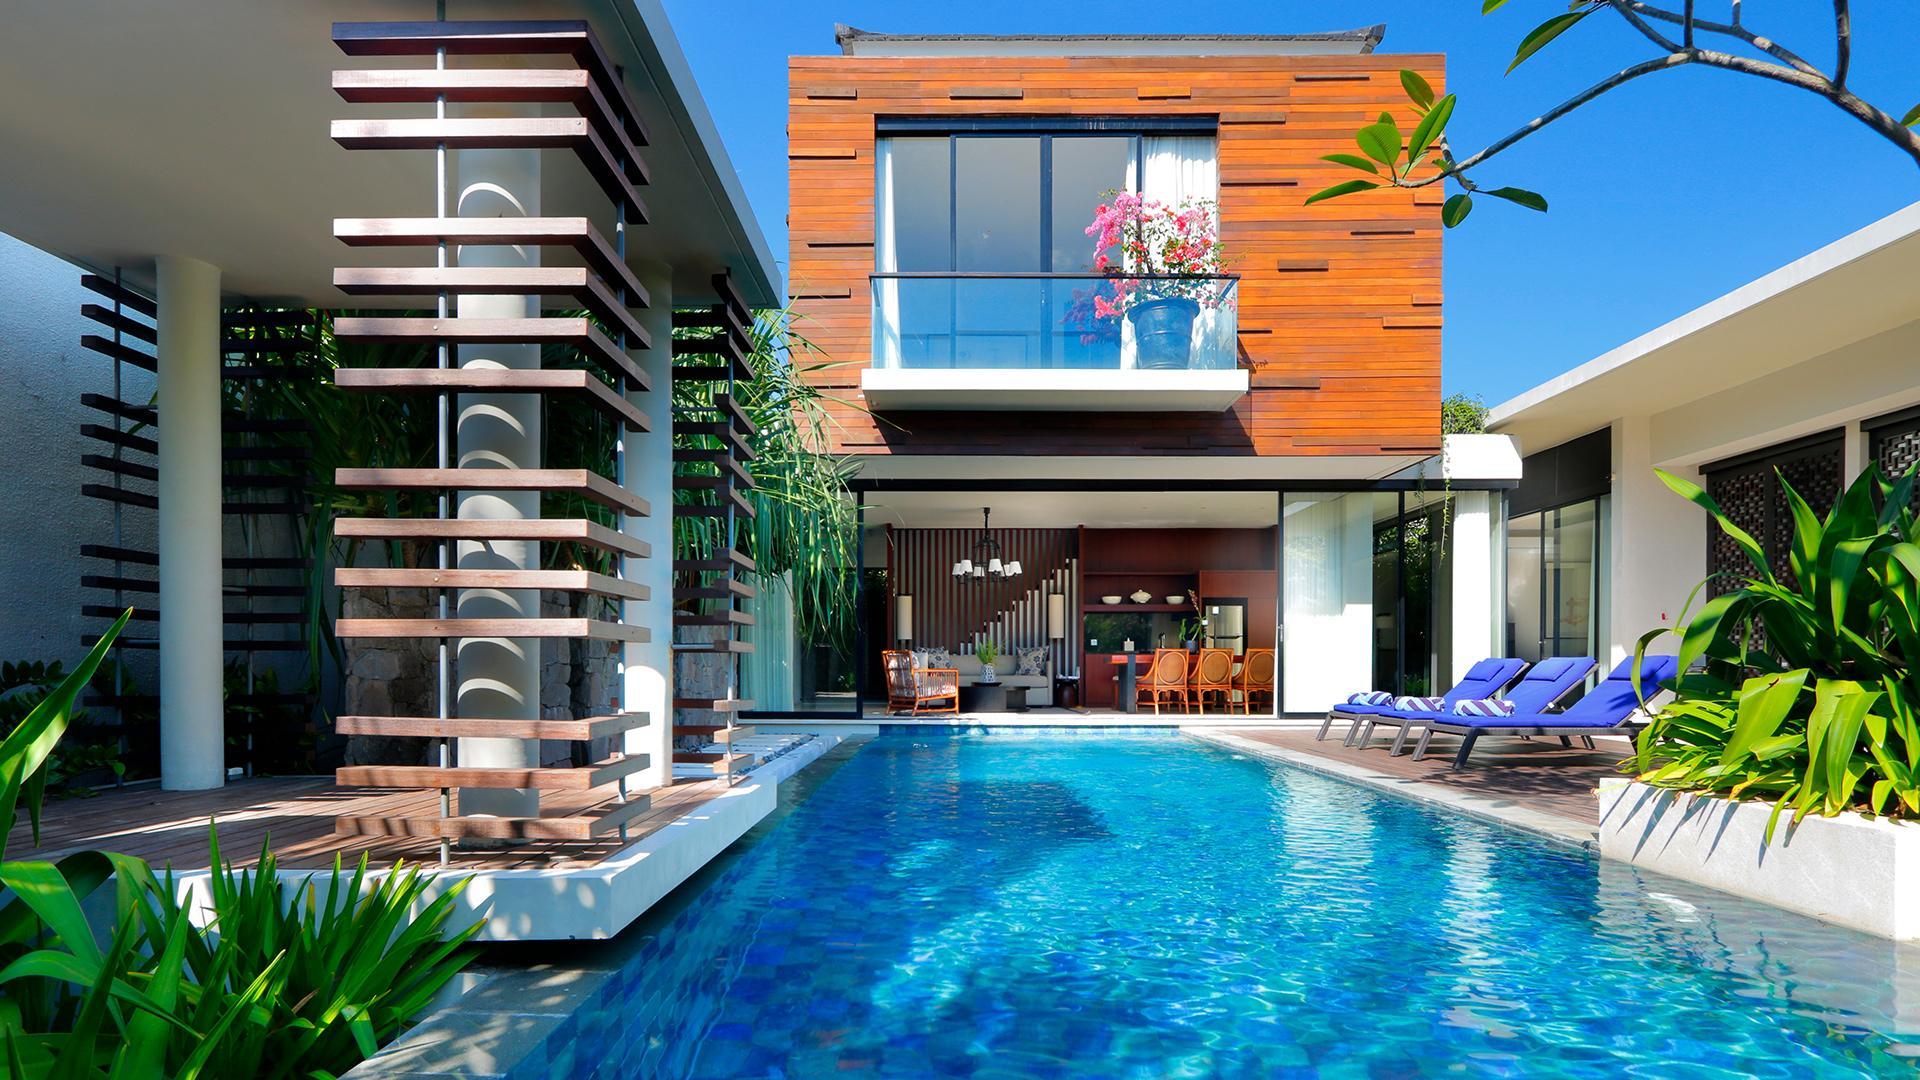 Two Bedroom Pool Villa image 1 at Vinila Villas by Kabupaten Badung, Bali, Indonesia